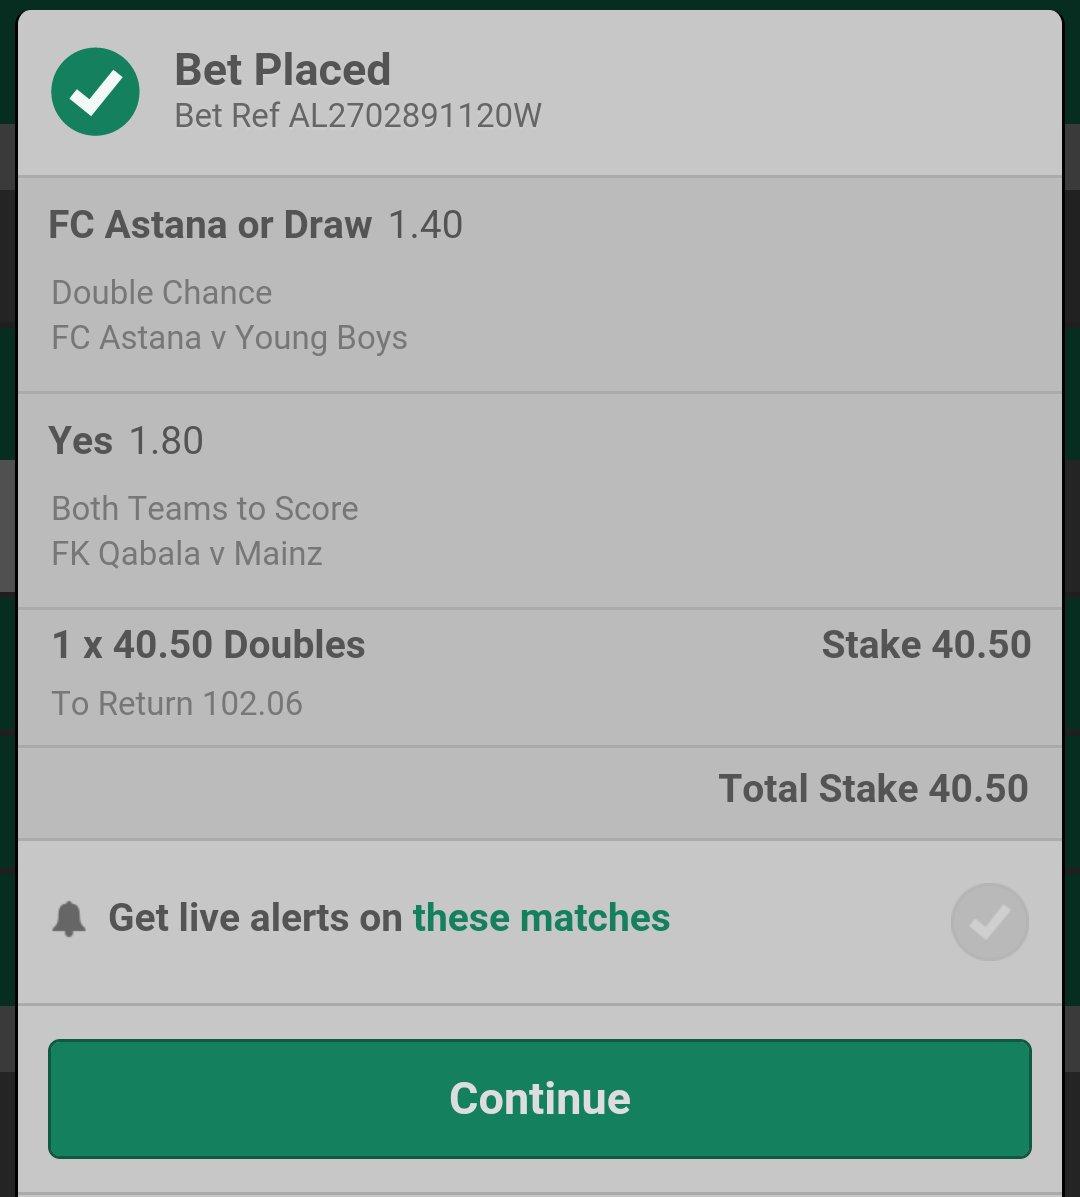 bravo betting games